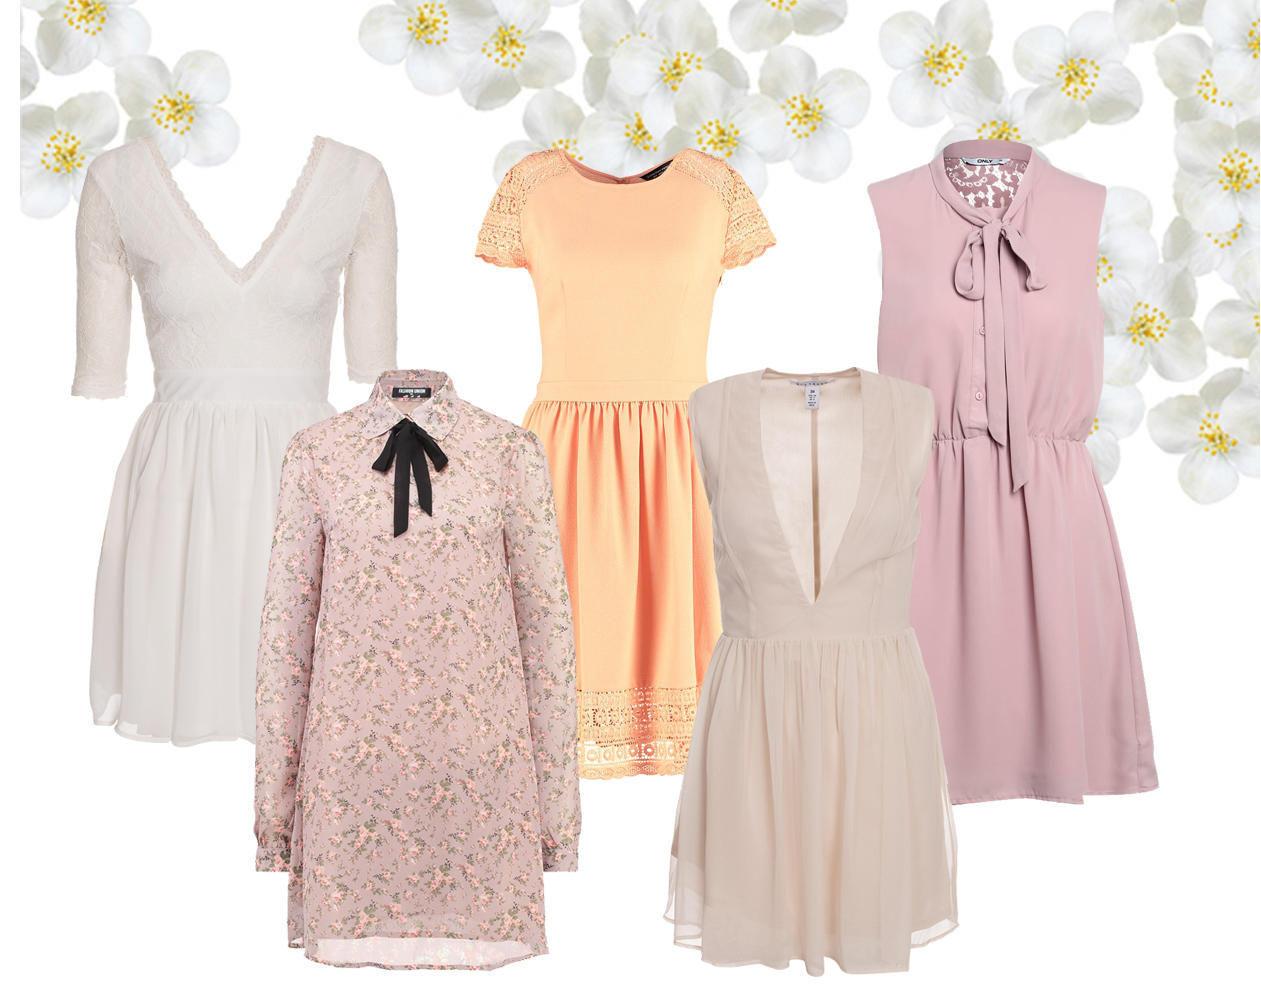 986a375b 25 sommerkjoler under 300 kroner. Budsjettvennlige kjoler ...